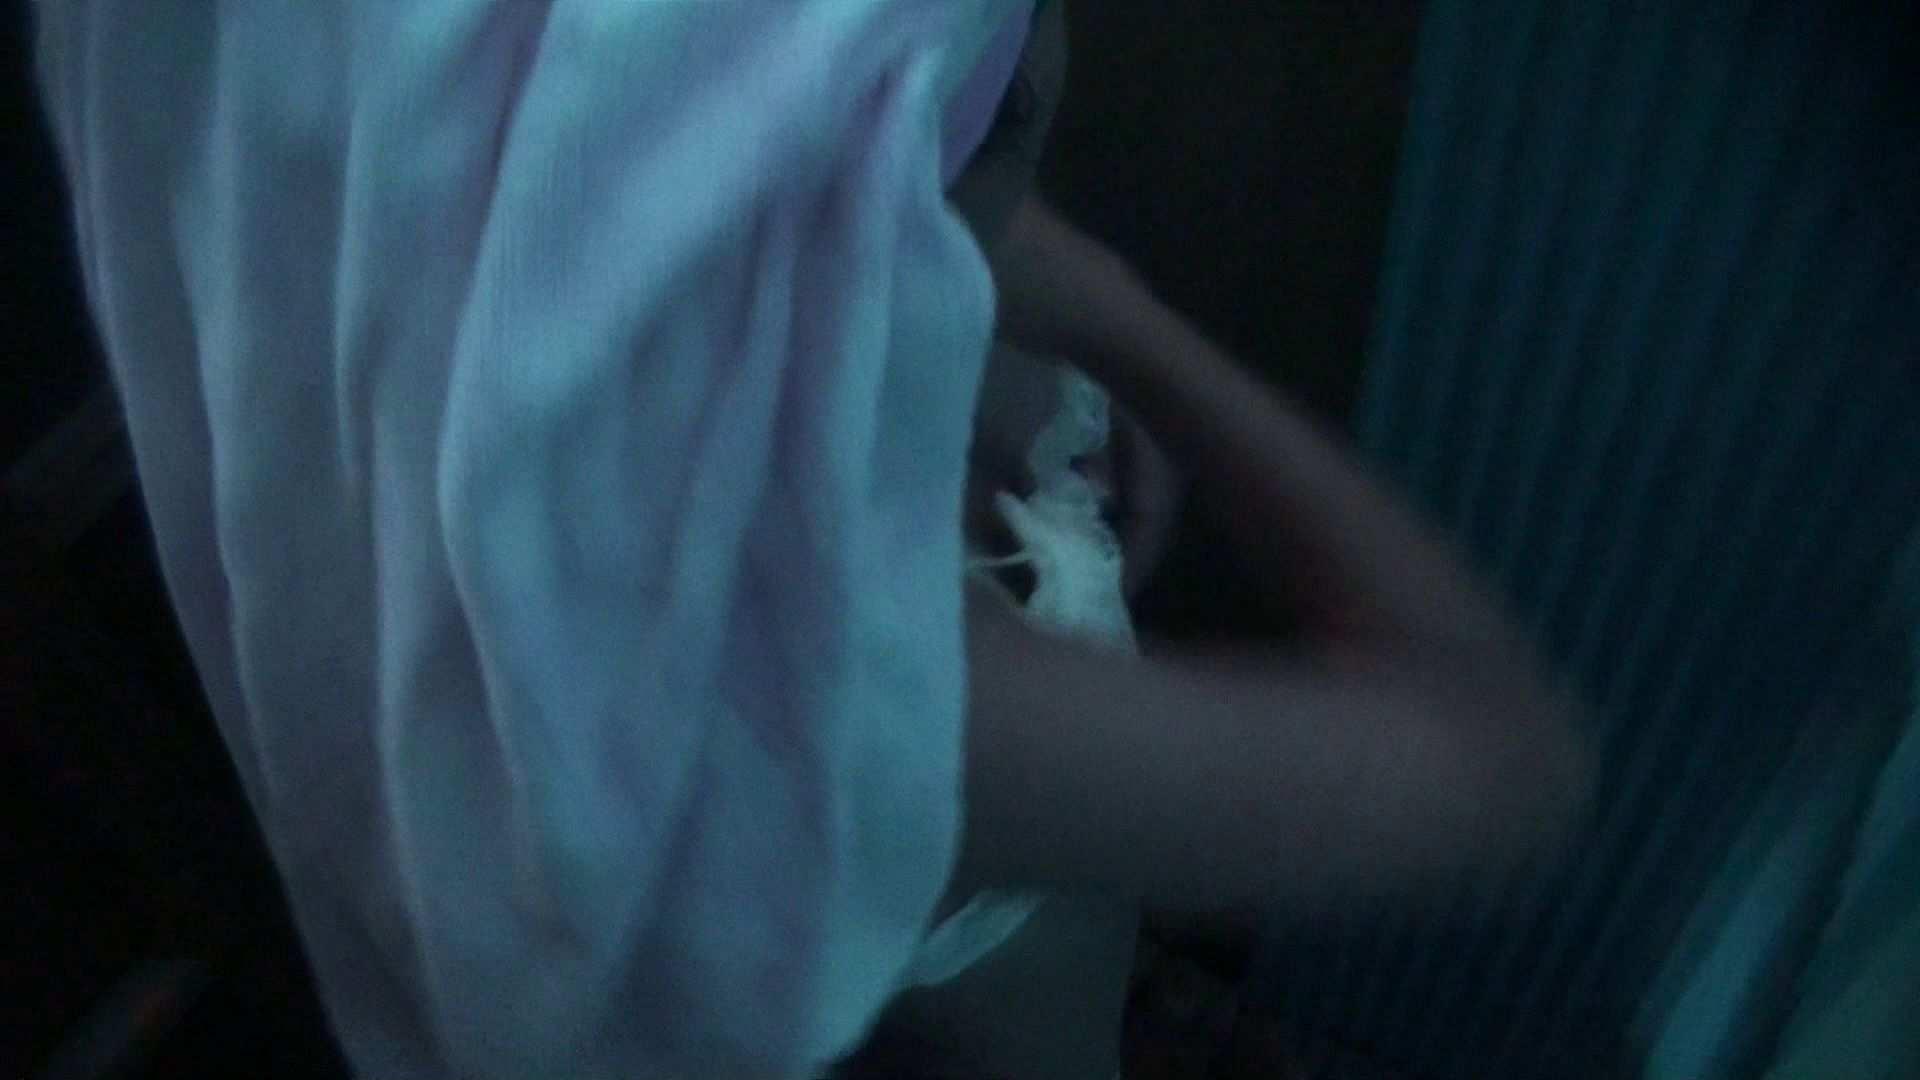 シャワールームは超!!危険な香りVol.26 大学生風美形ギャル 暗さが残念! すけべなOL AV無料 106画像 14